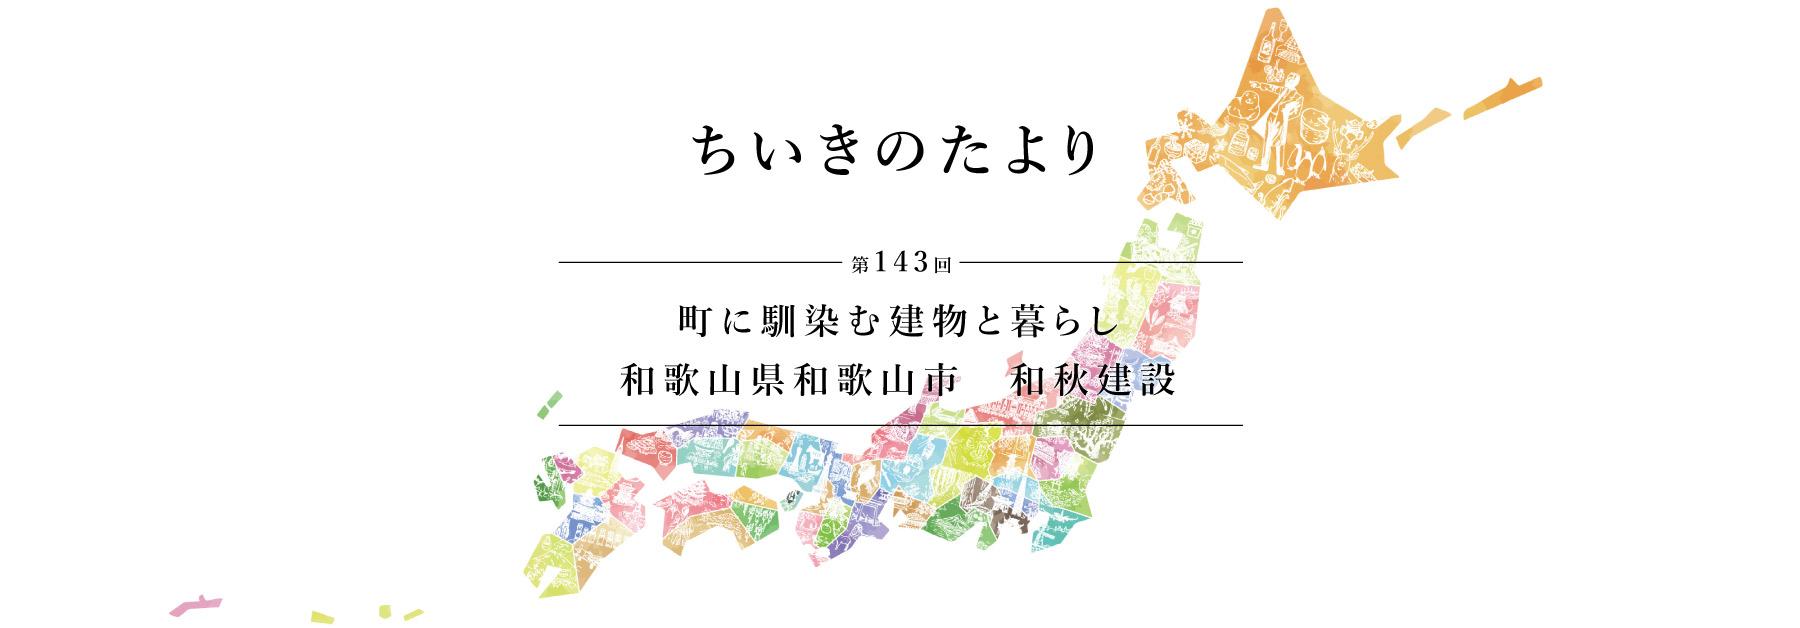 ちいきのたより第143回 町に馴染む建物と暮らし和歌山県和歌山市 和秋建設